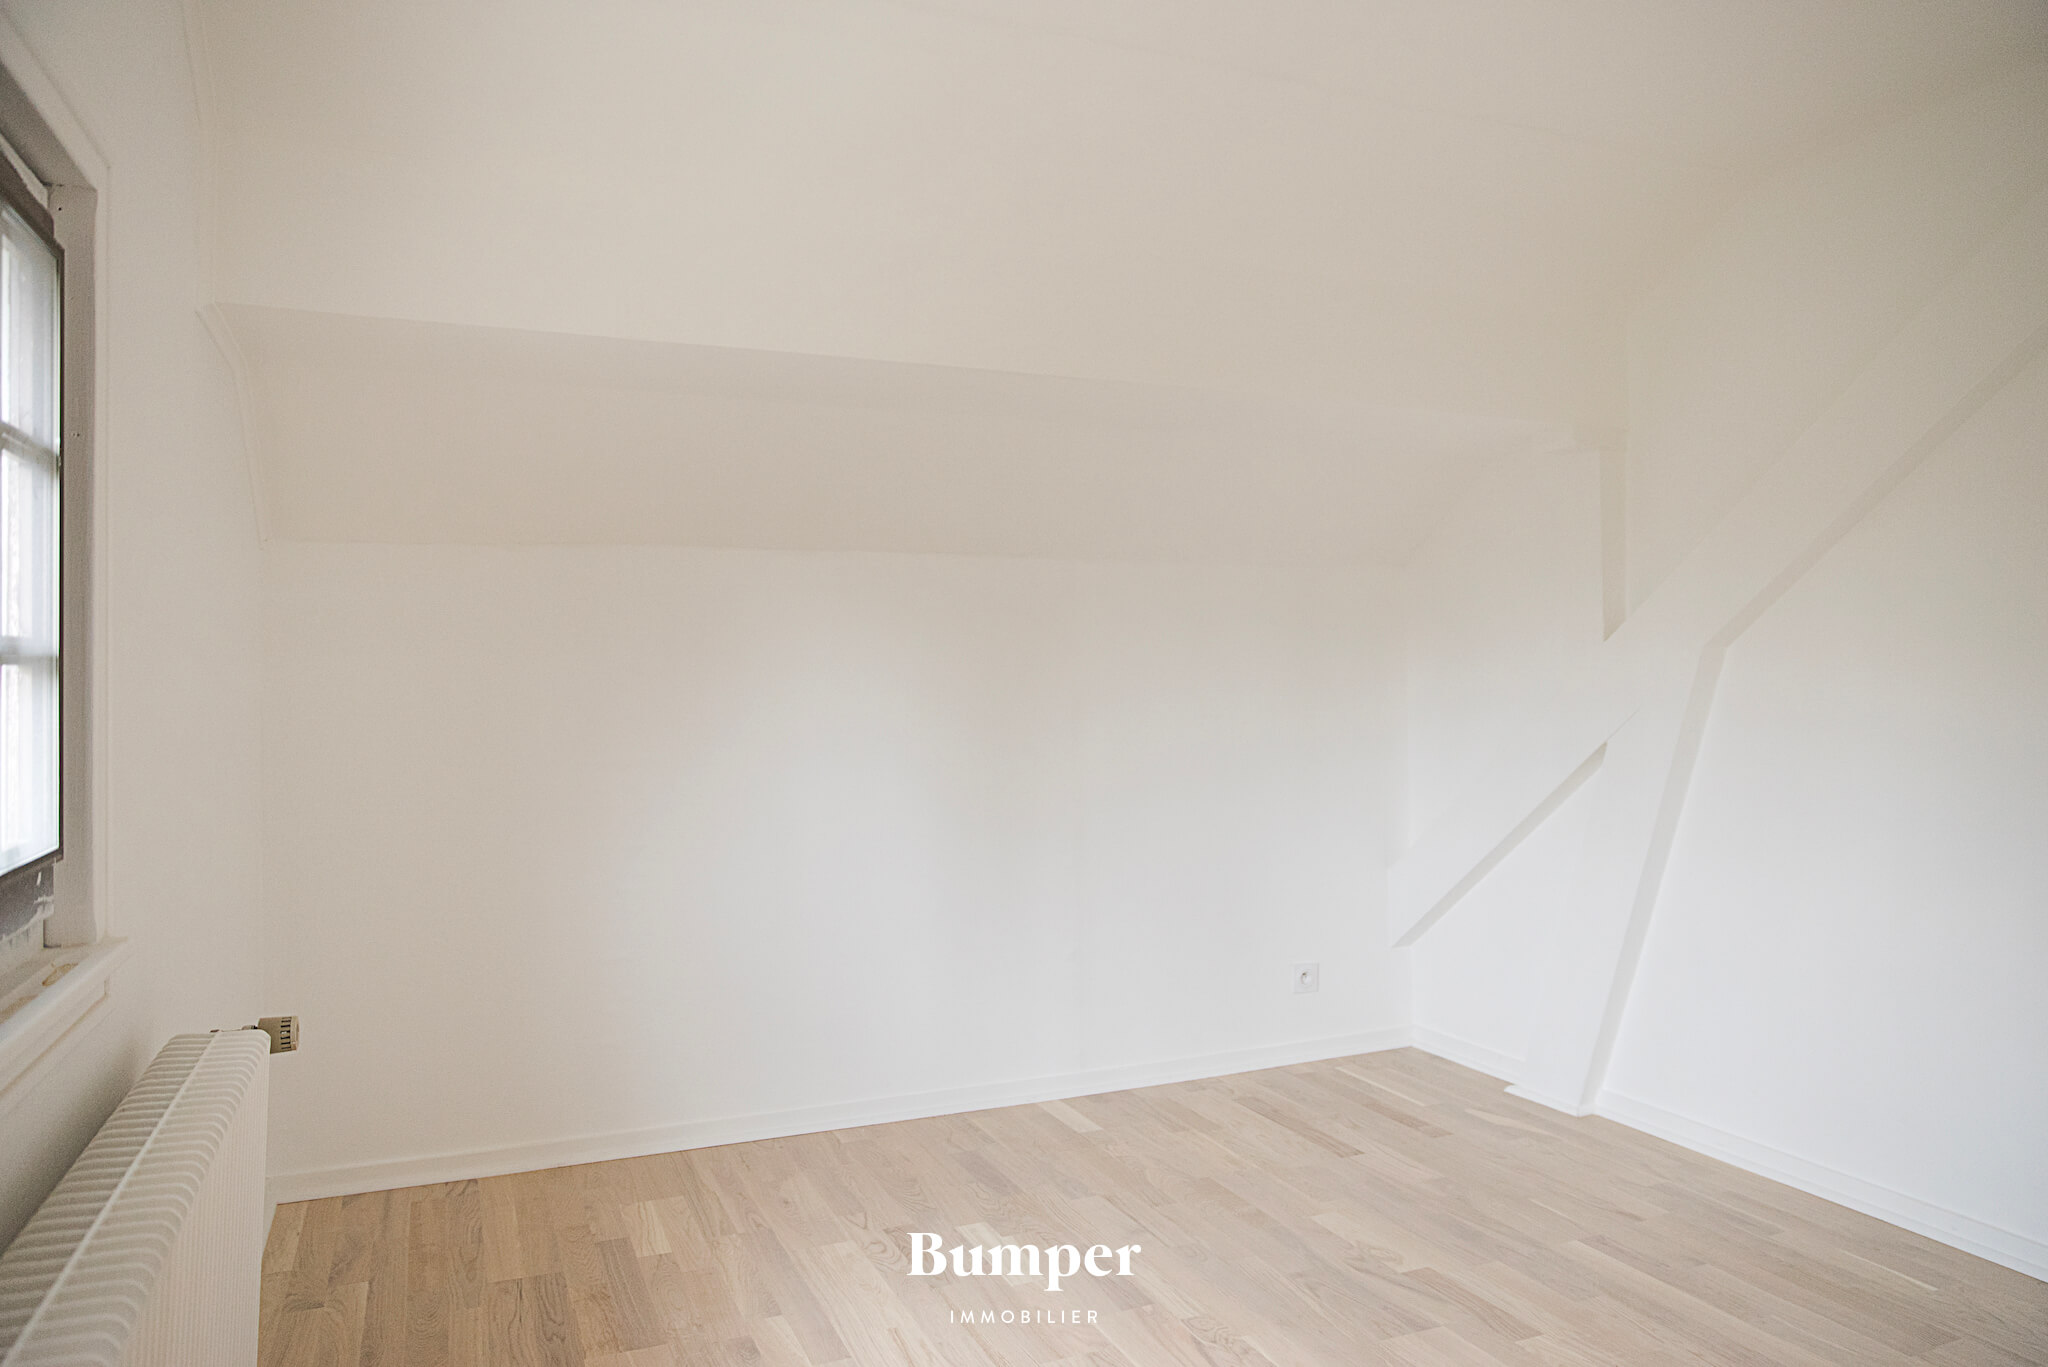 la-maison-bumper-immobilier-vente-achat-lyon-france-maison-segny-gex-geneve-7.jpg